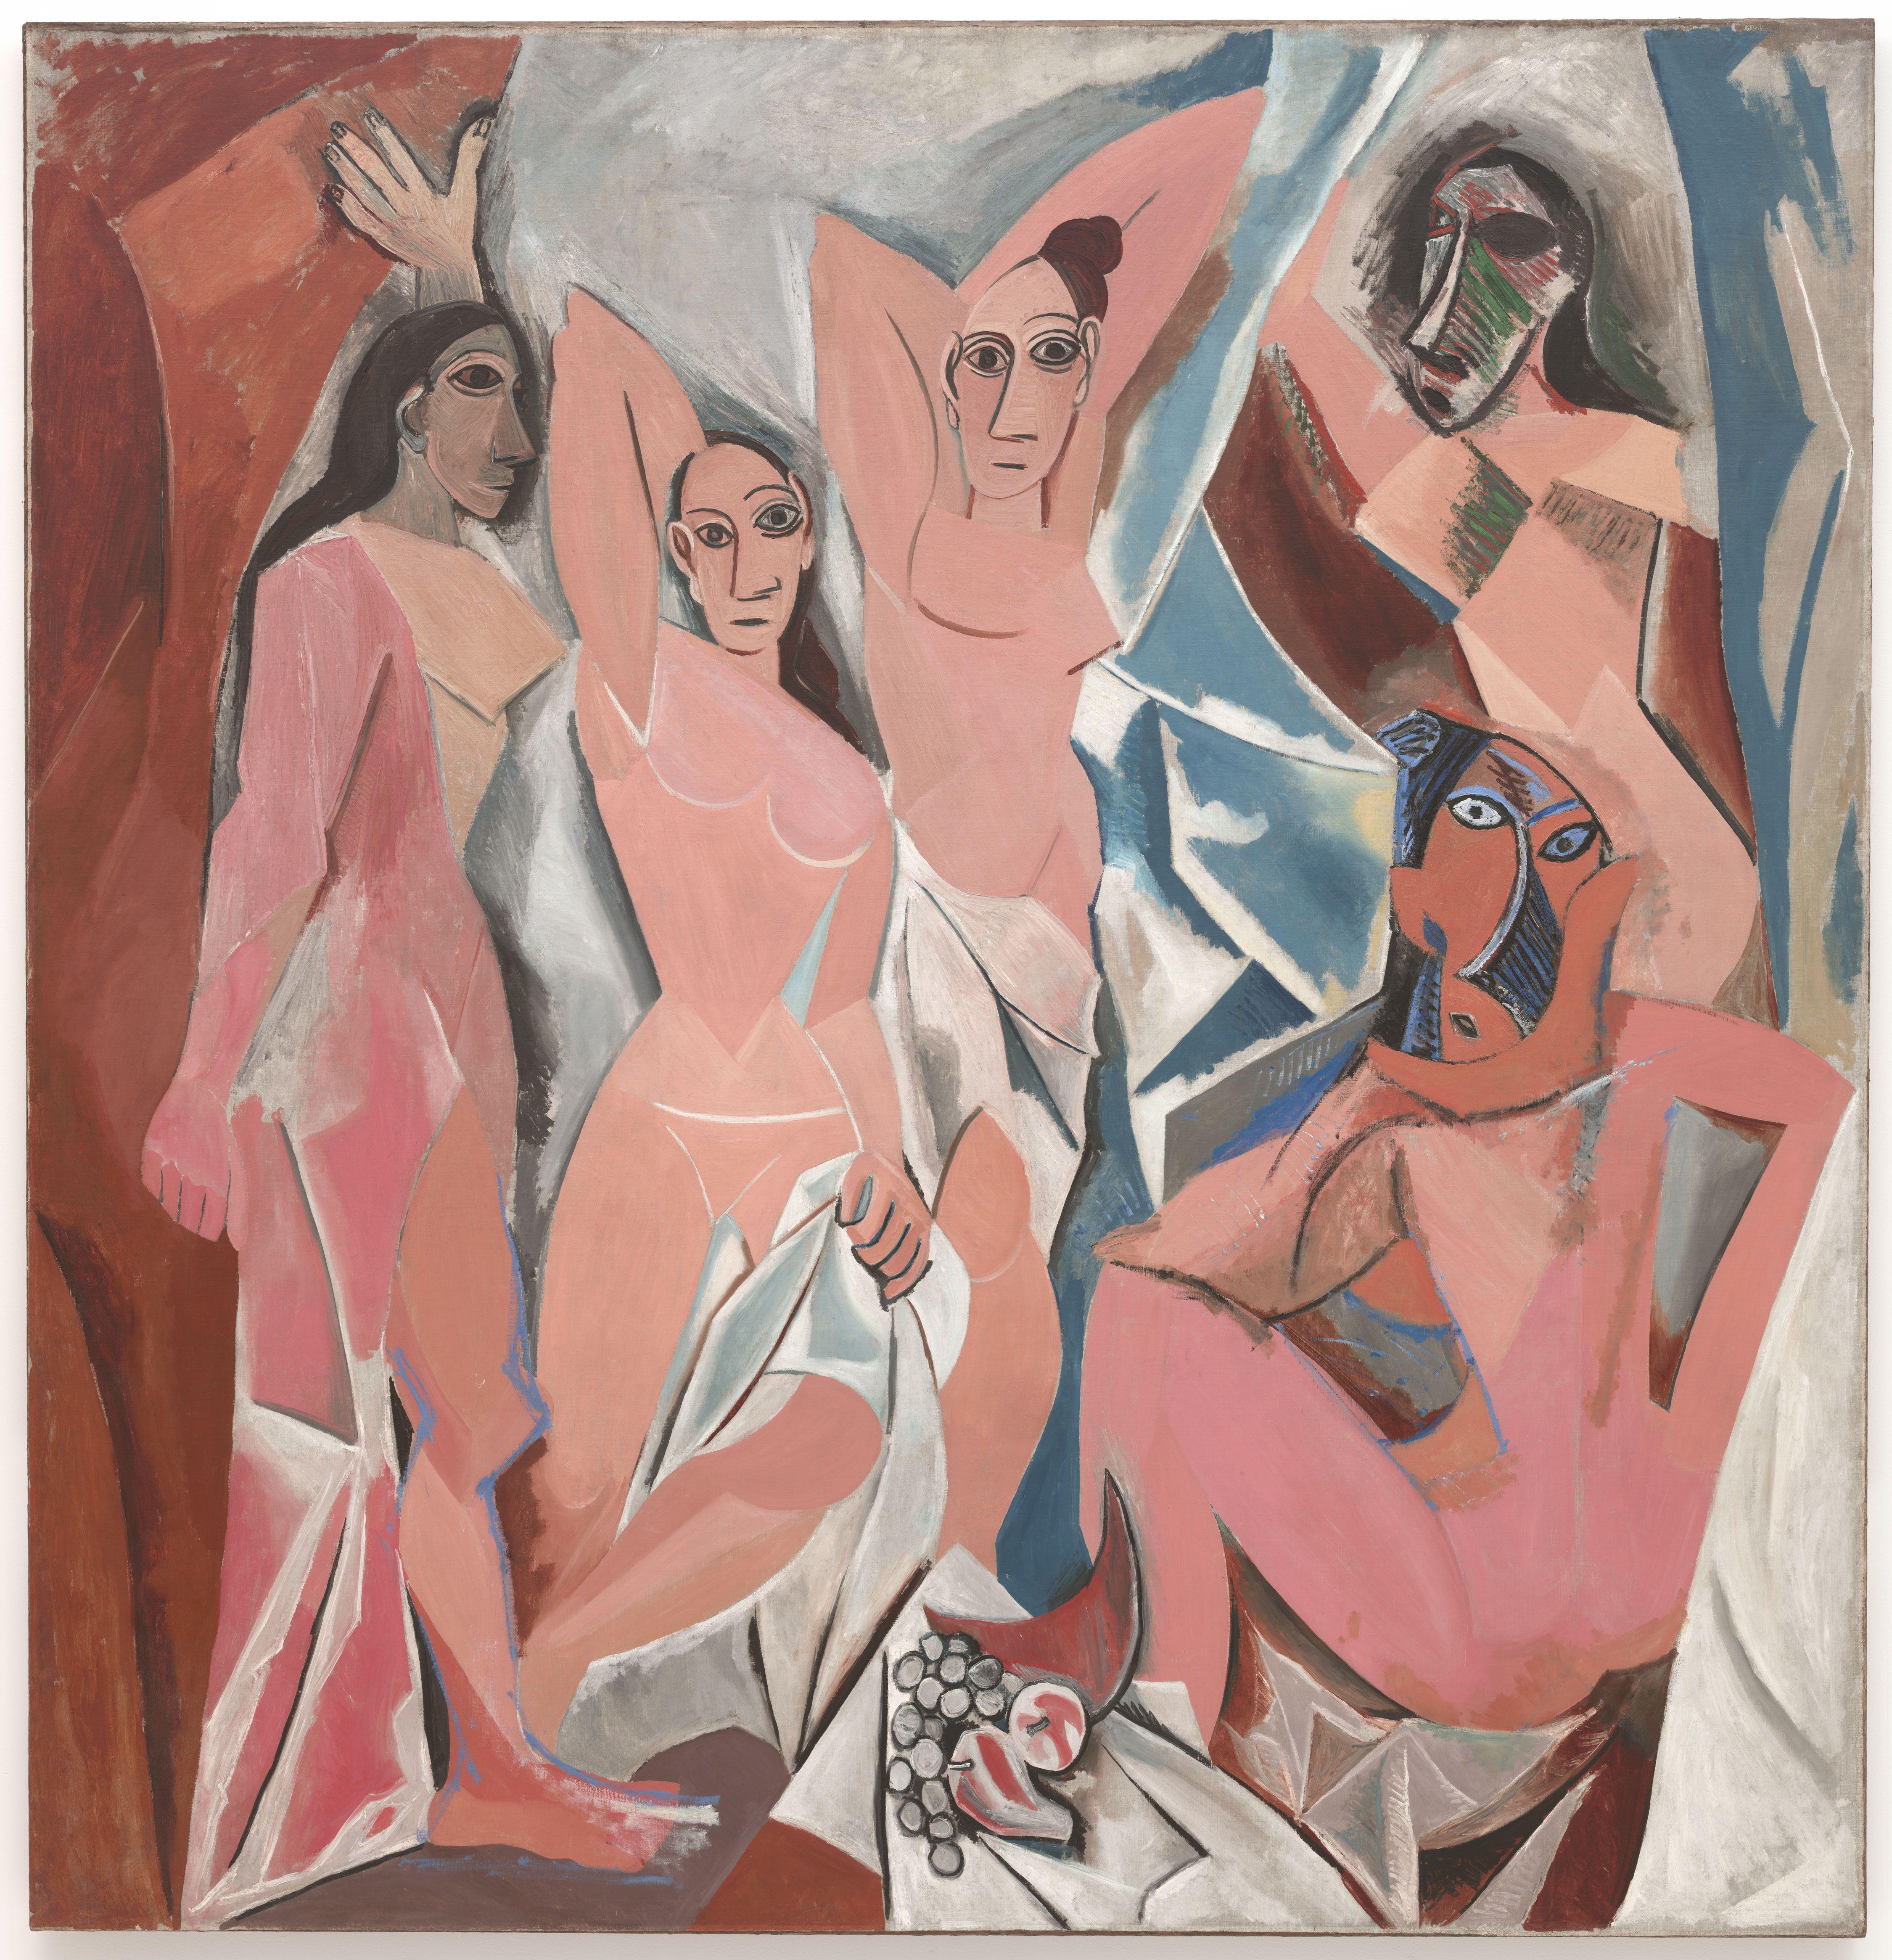 Picasso - Les_Demoiselles_d'Avignon